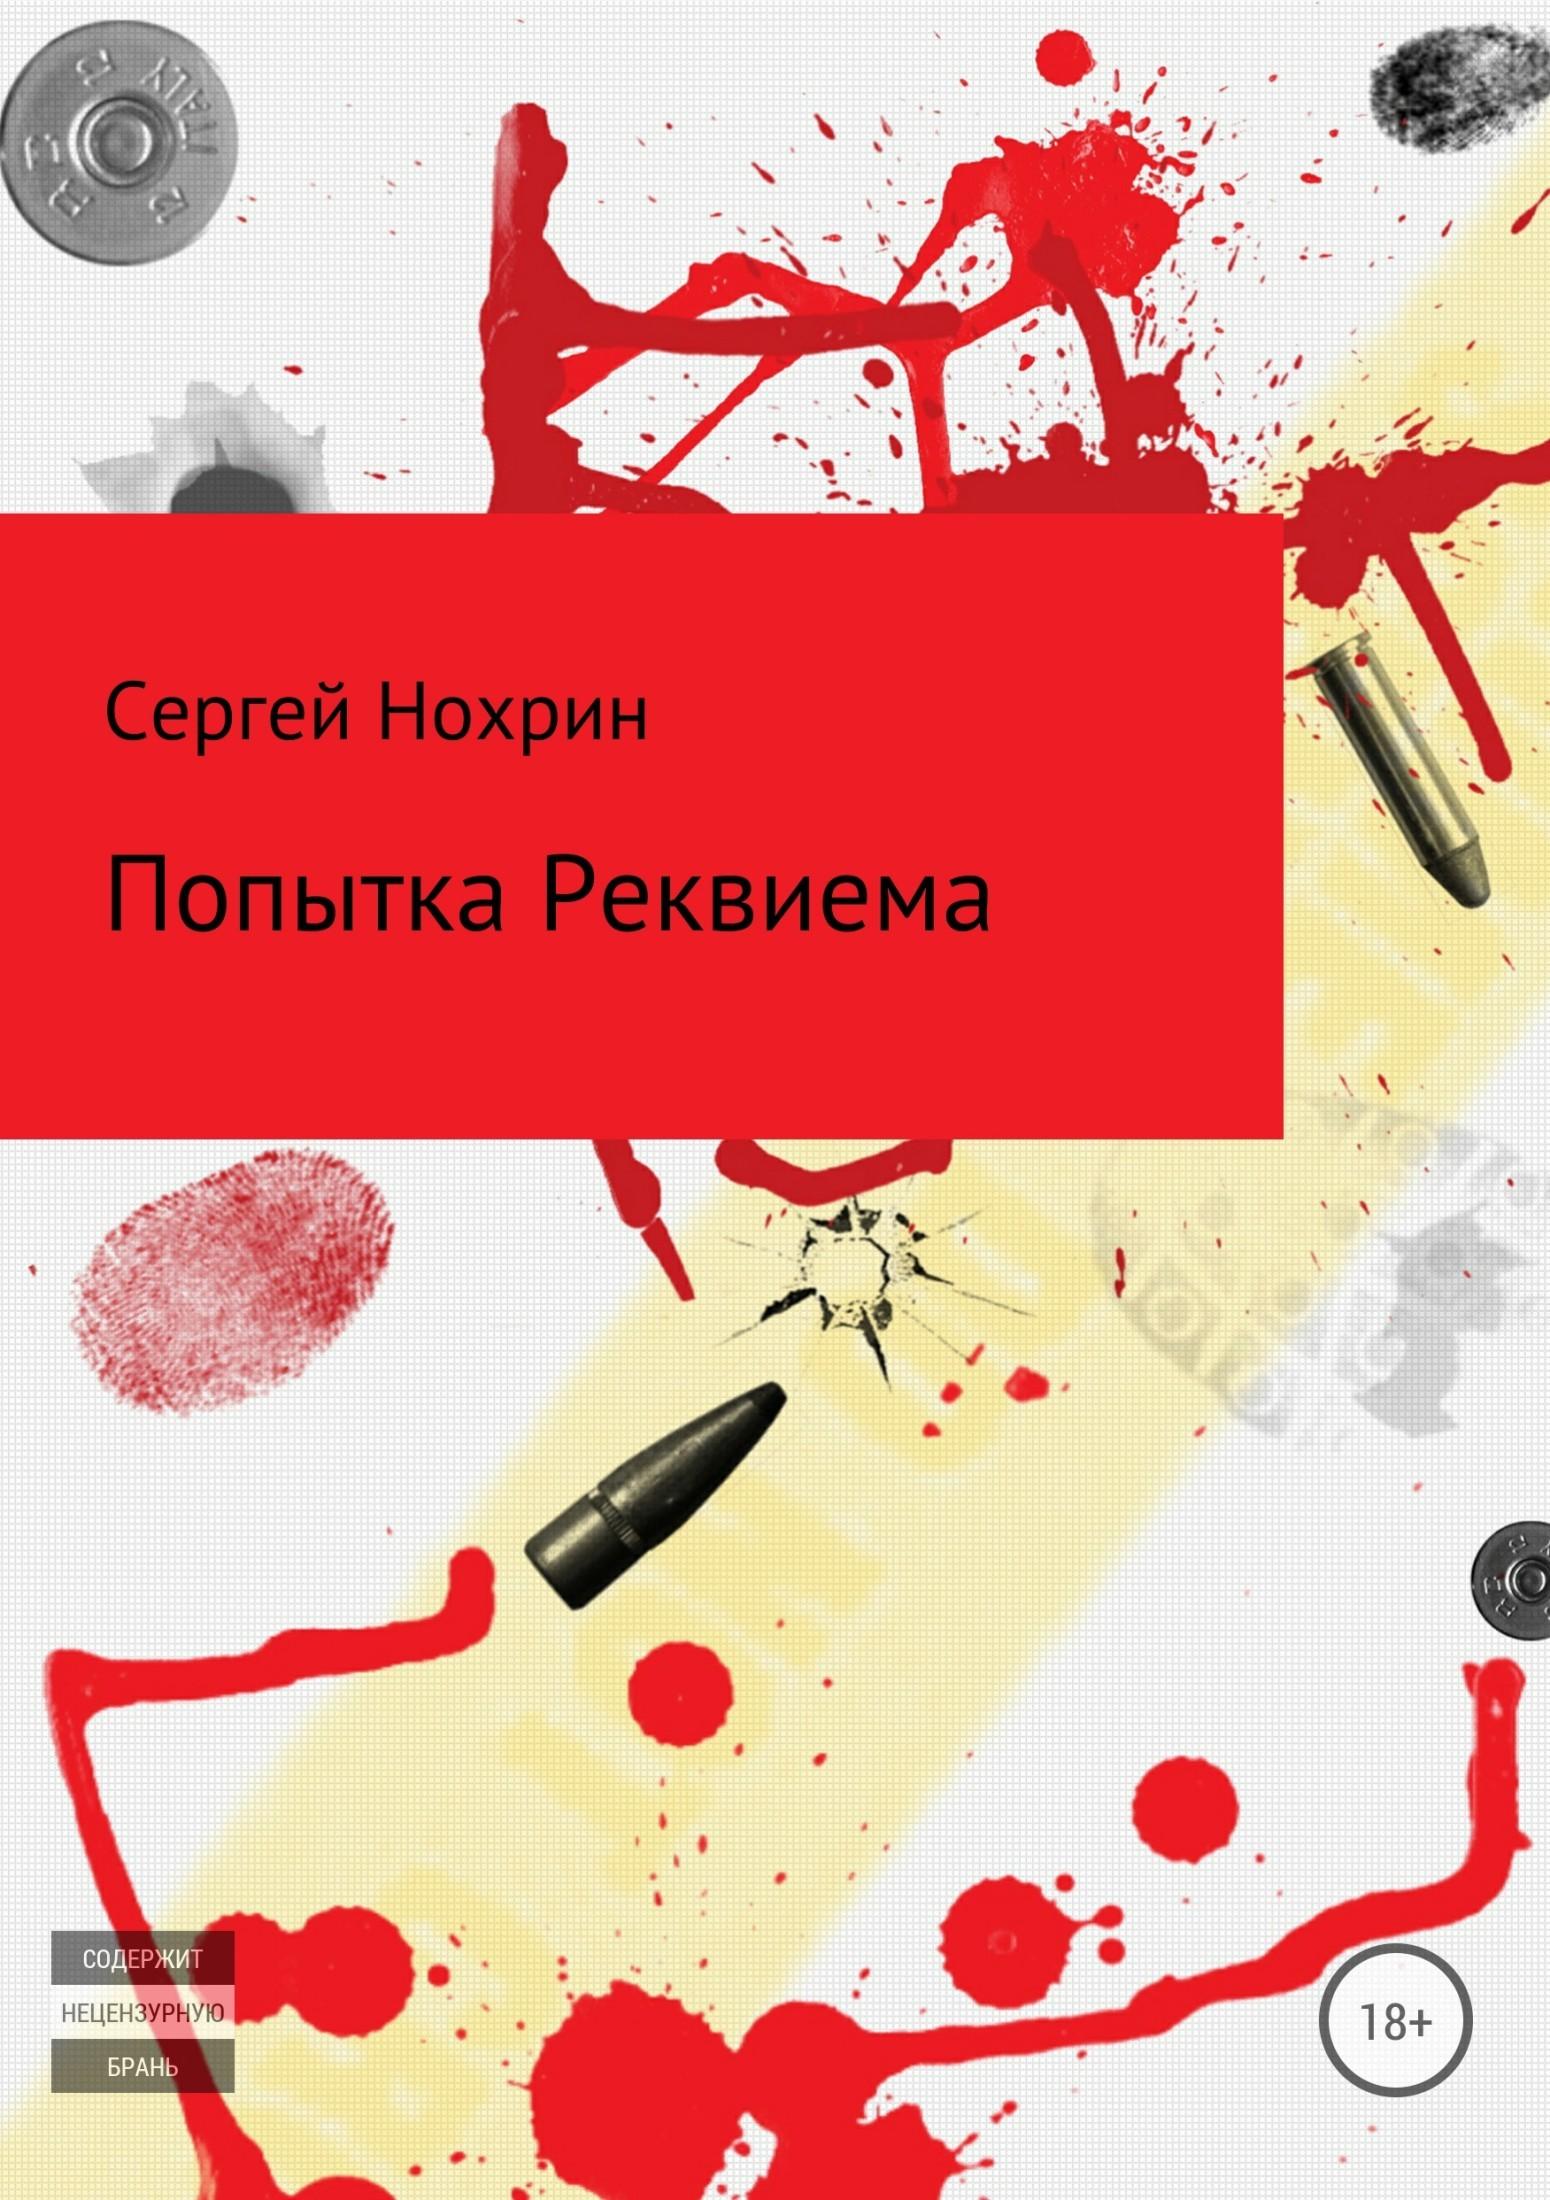 Сергей Нохрин - Попытка Реквиема